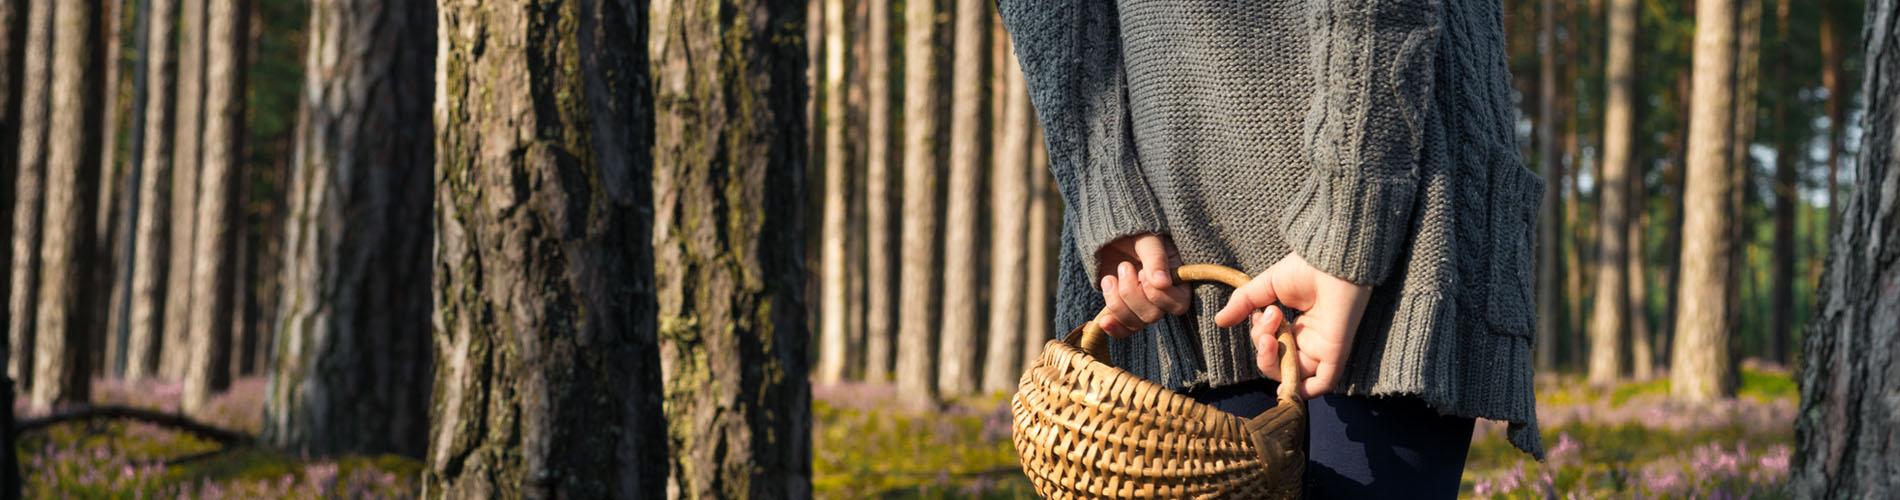 manos de persona con una cesta cogida a la espalda en un bosque